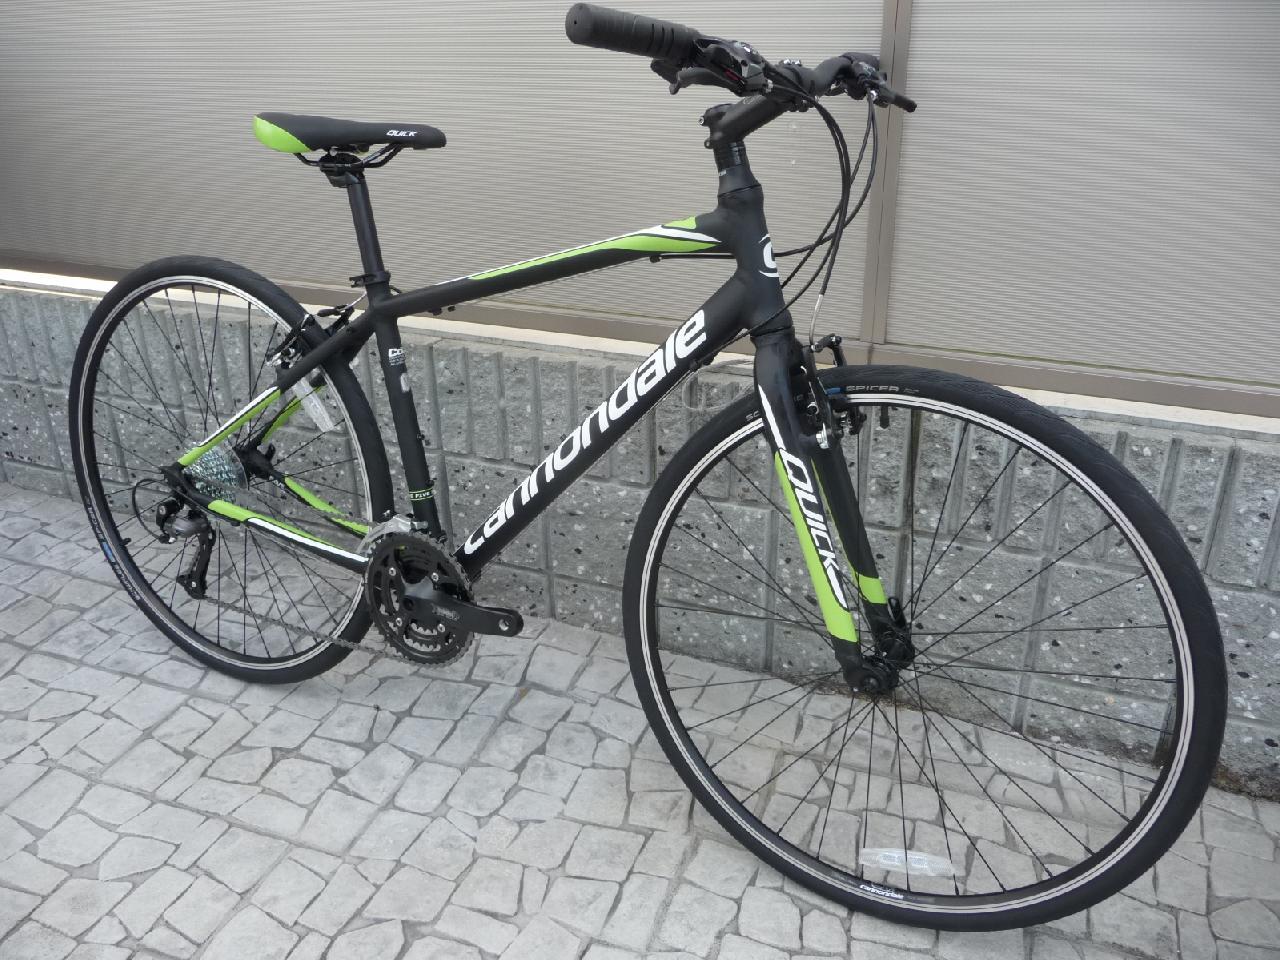 自転車の 自転車 フレームサイズ 小さい : ... サイズとLGサイズ 即納在庫